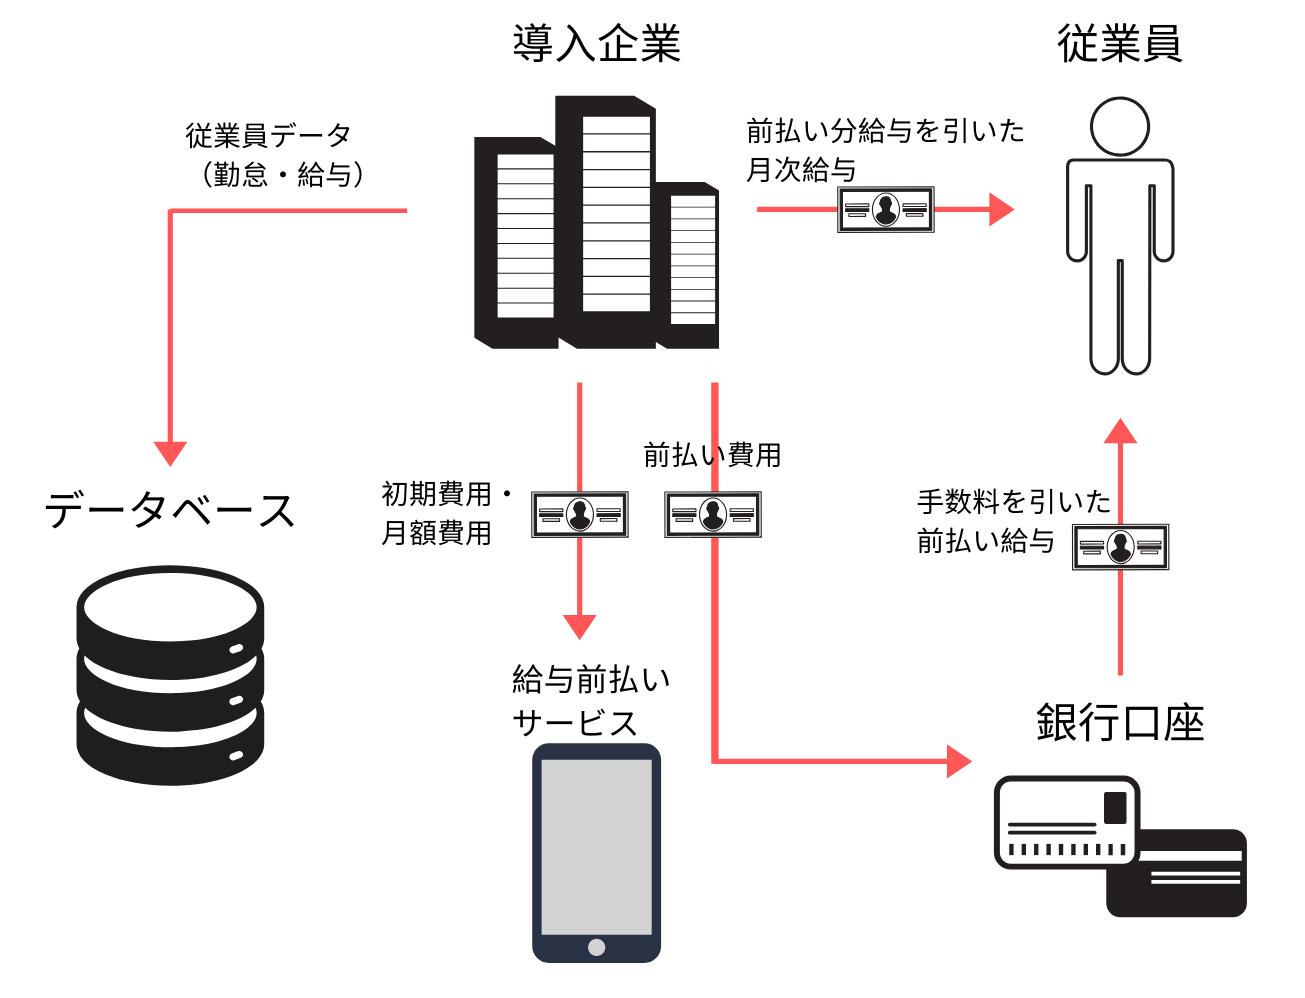 給与前払いサービスのイメージ図